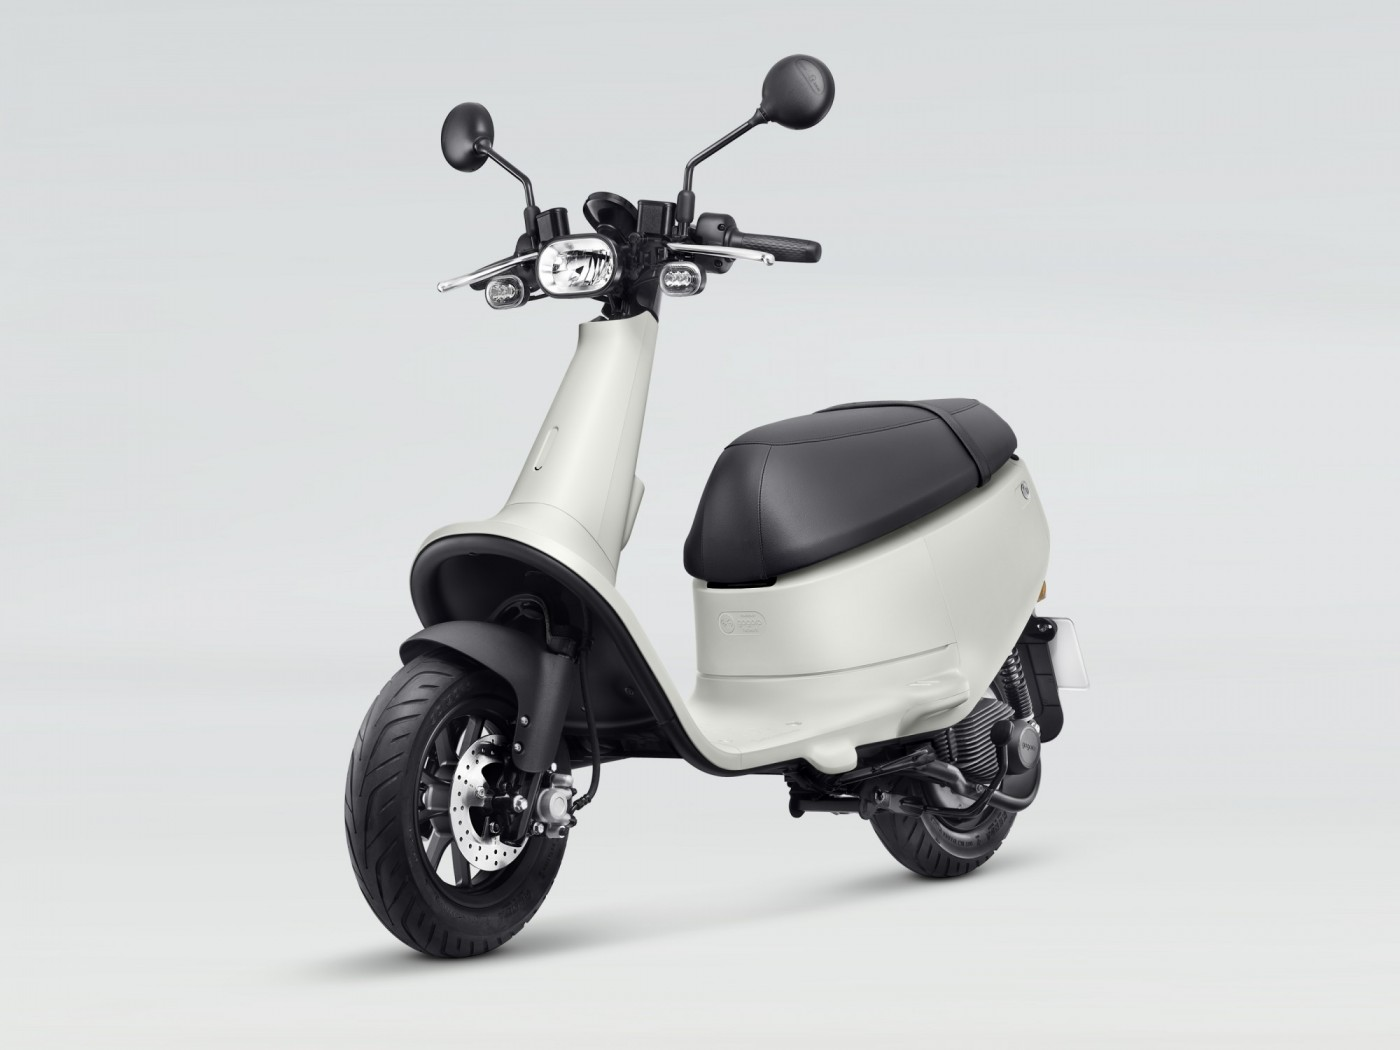 更便宜的Gogoro新車登場!光陽喊話油電平權,產品長回:歐洲沒人在補助油車